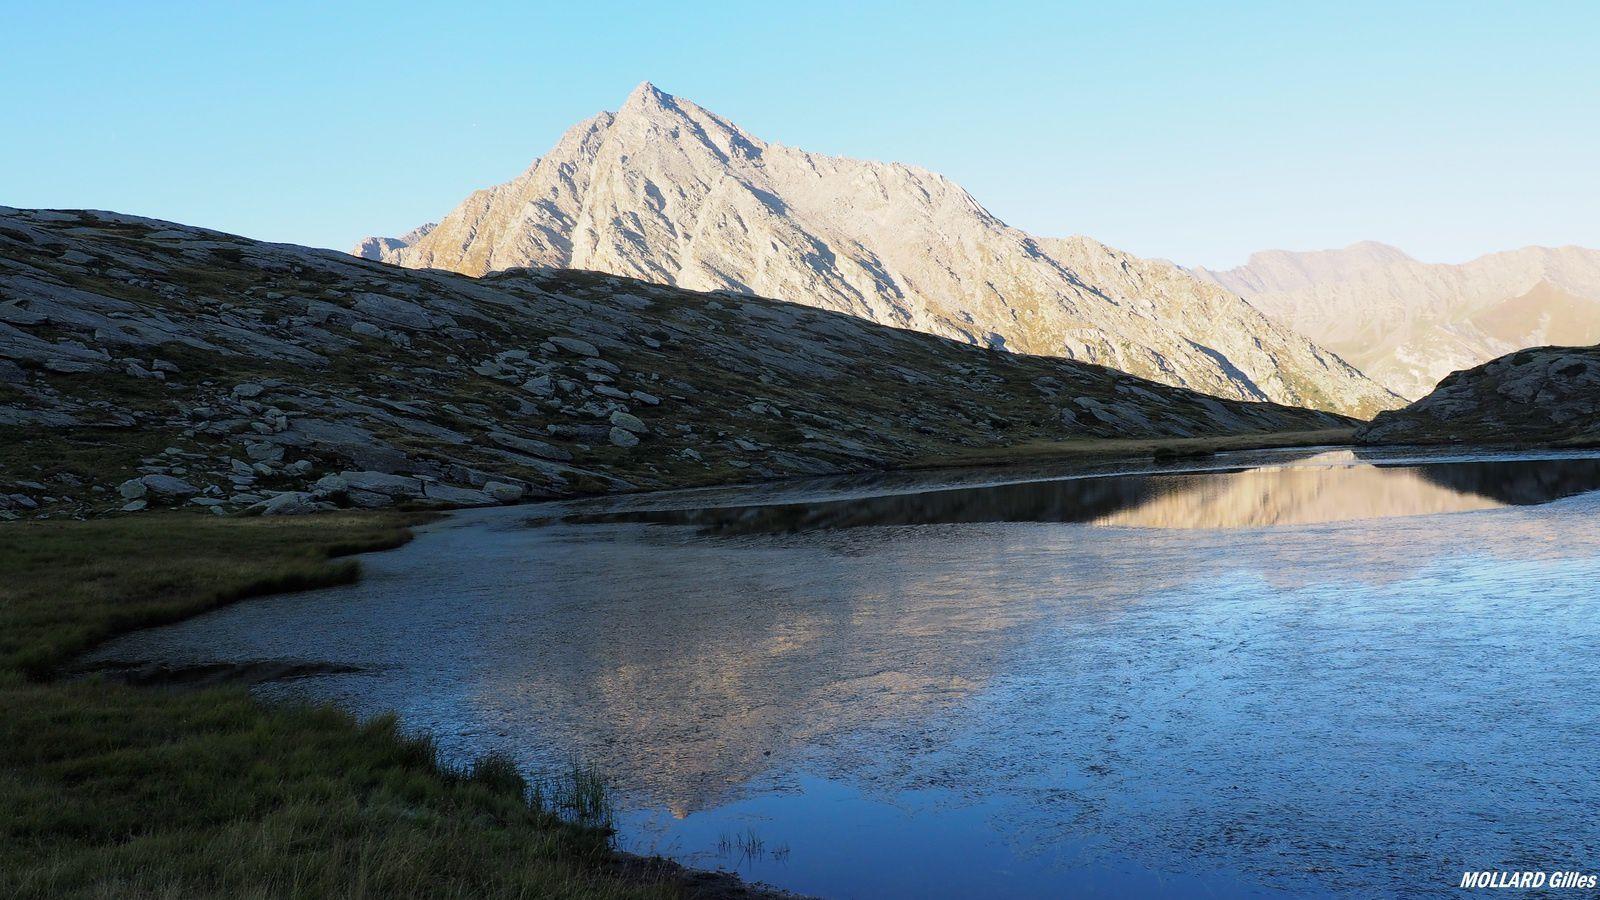 Les lacs Perrin, la dent d'Ambin,le lac Savine et col Clapier